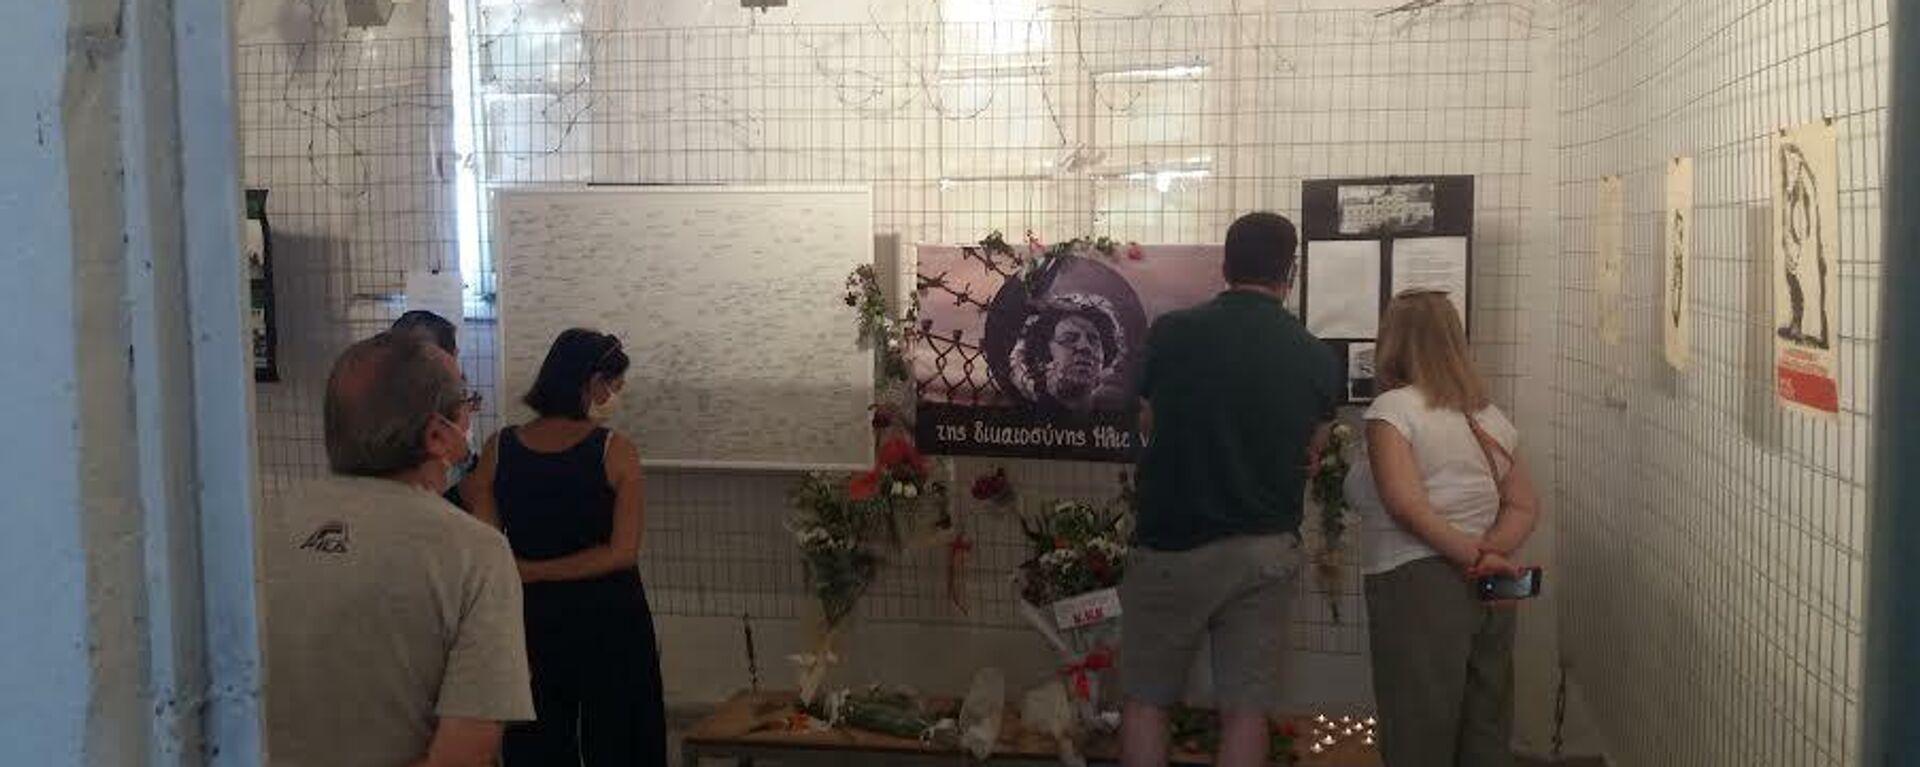 Το κελί του Μίκη Θεοδωράκη στον Ωρωπό, όπου συρρέει κόσμος από την ώρα που μαθεύτηκε ο θάνατός του. - Sputnik Ελλάδα, 1920, 07.09.2021